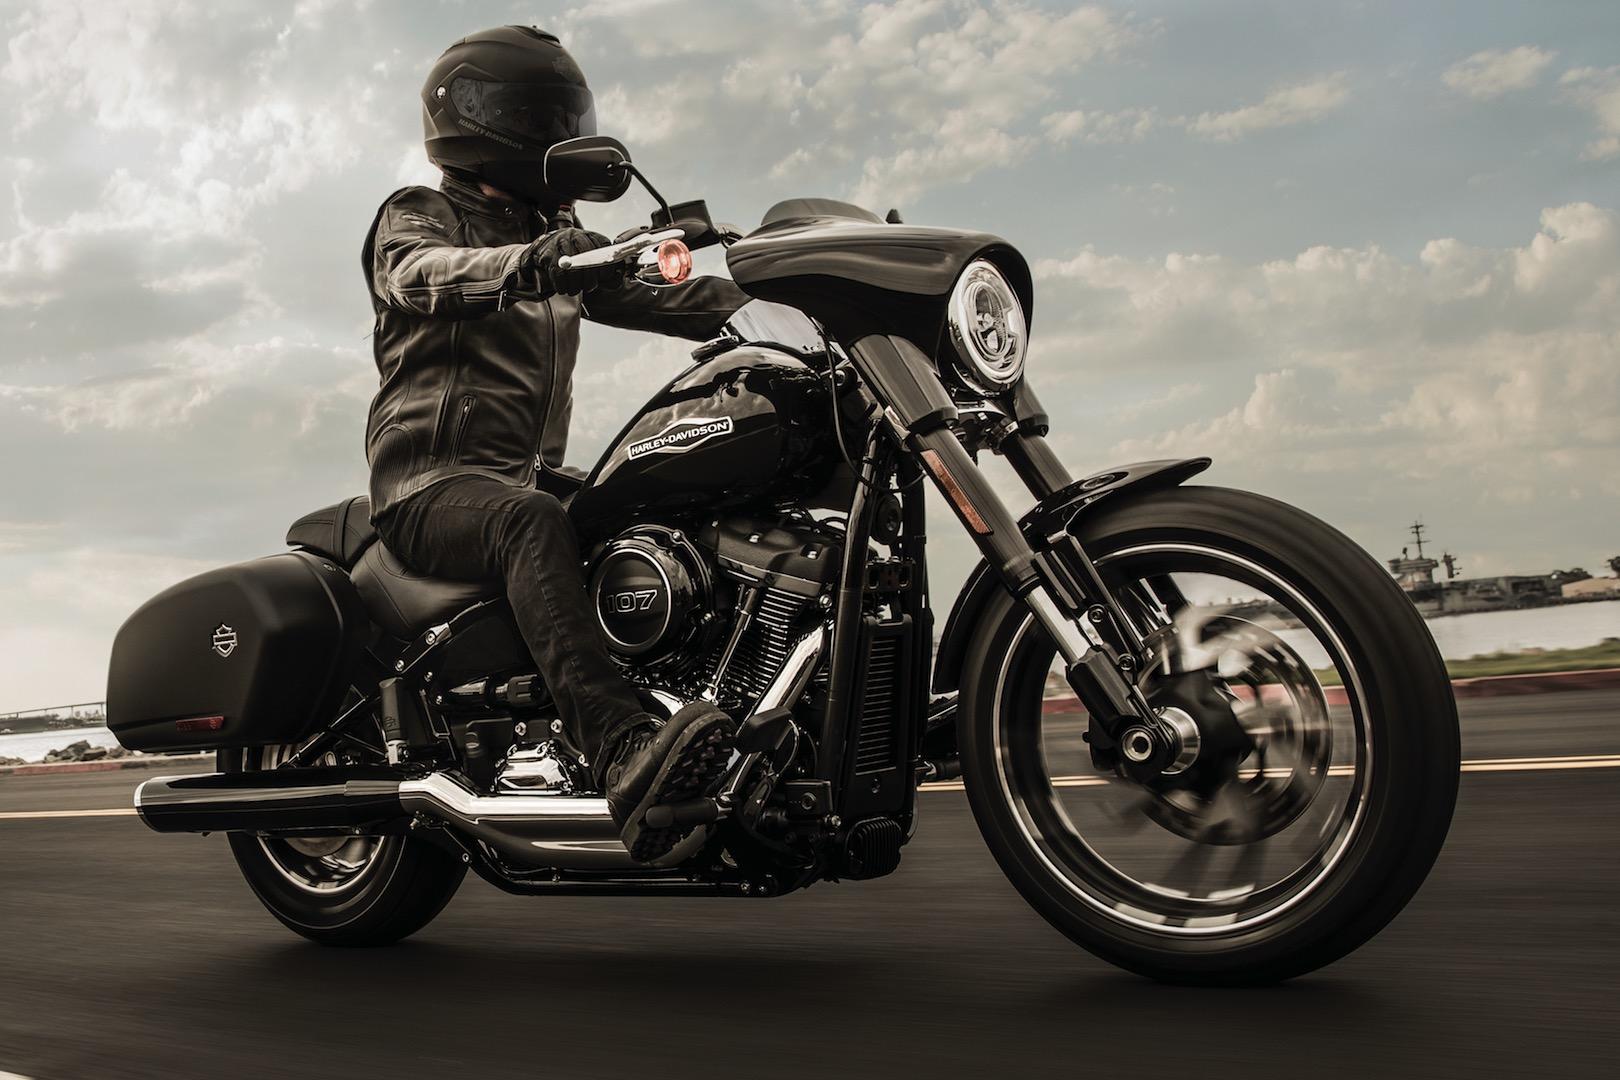 Un'Harley-Davidson elettrica sul mercato entro il 2019